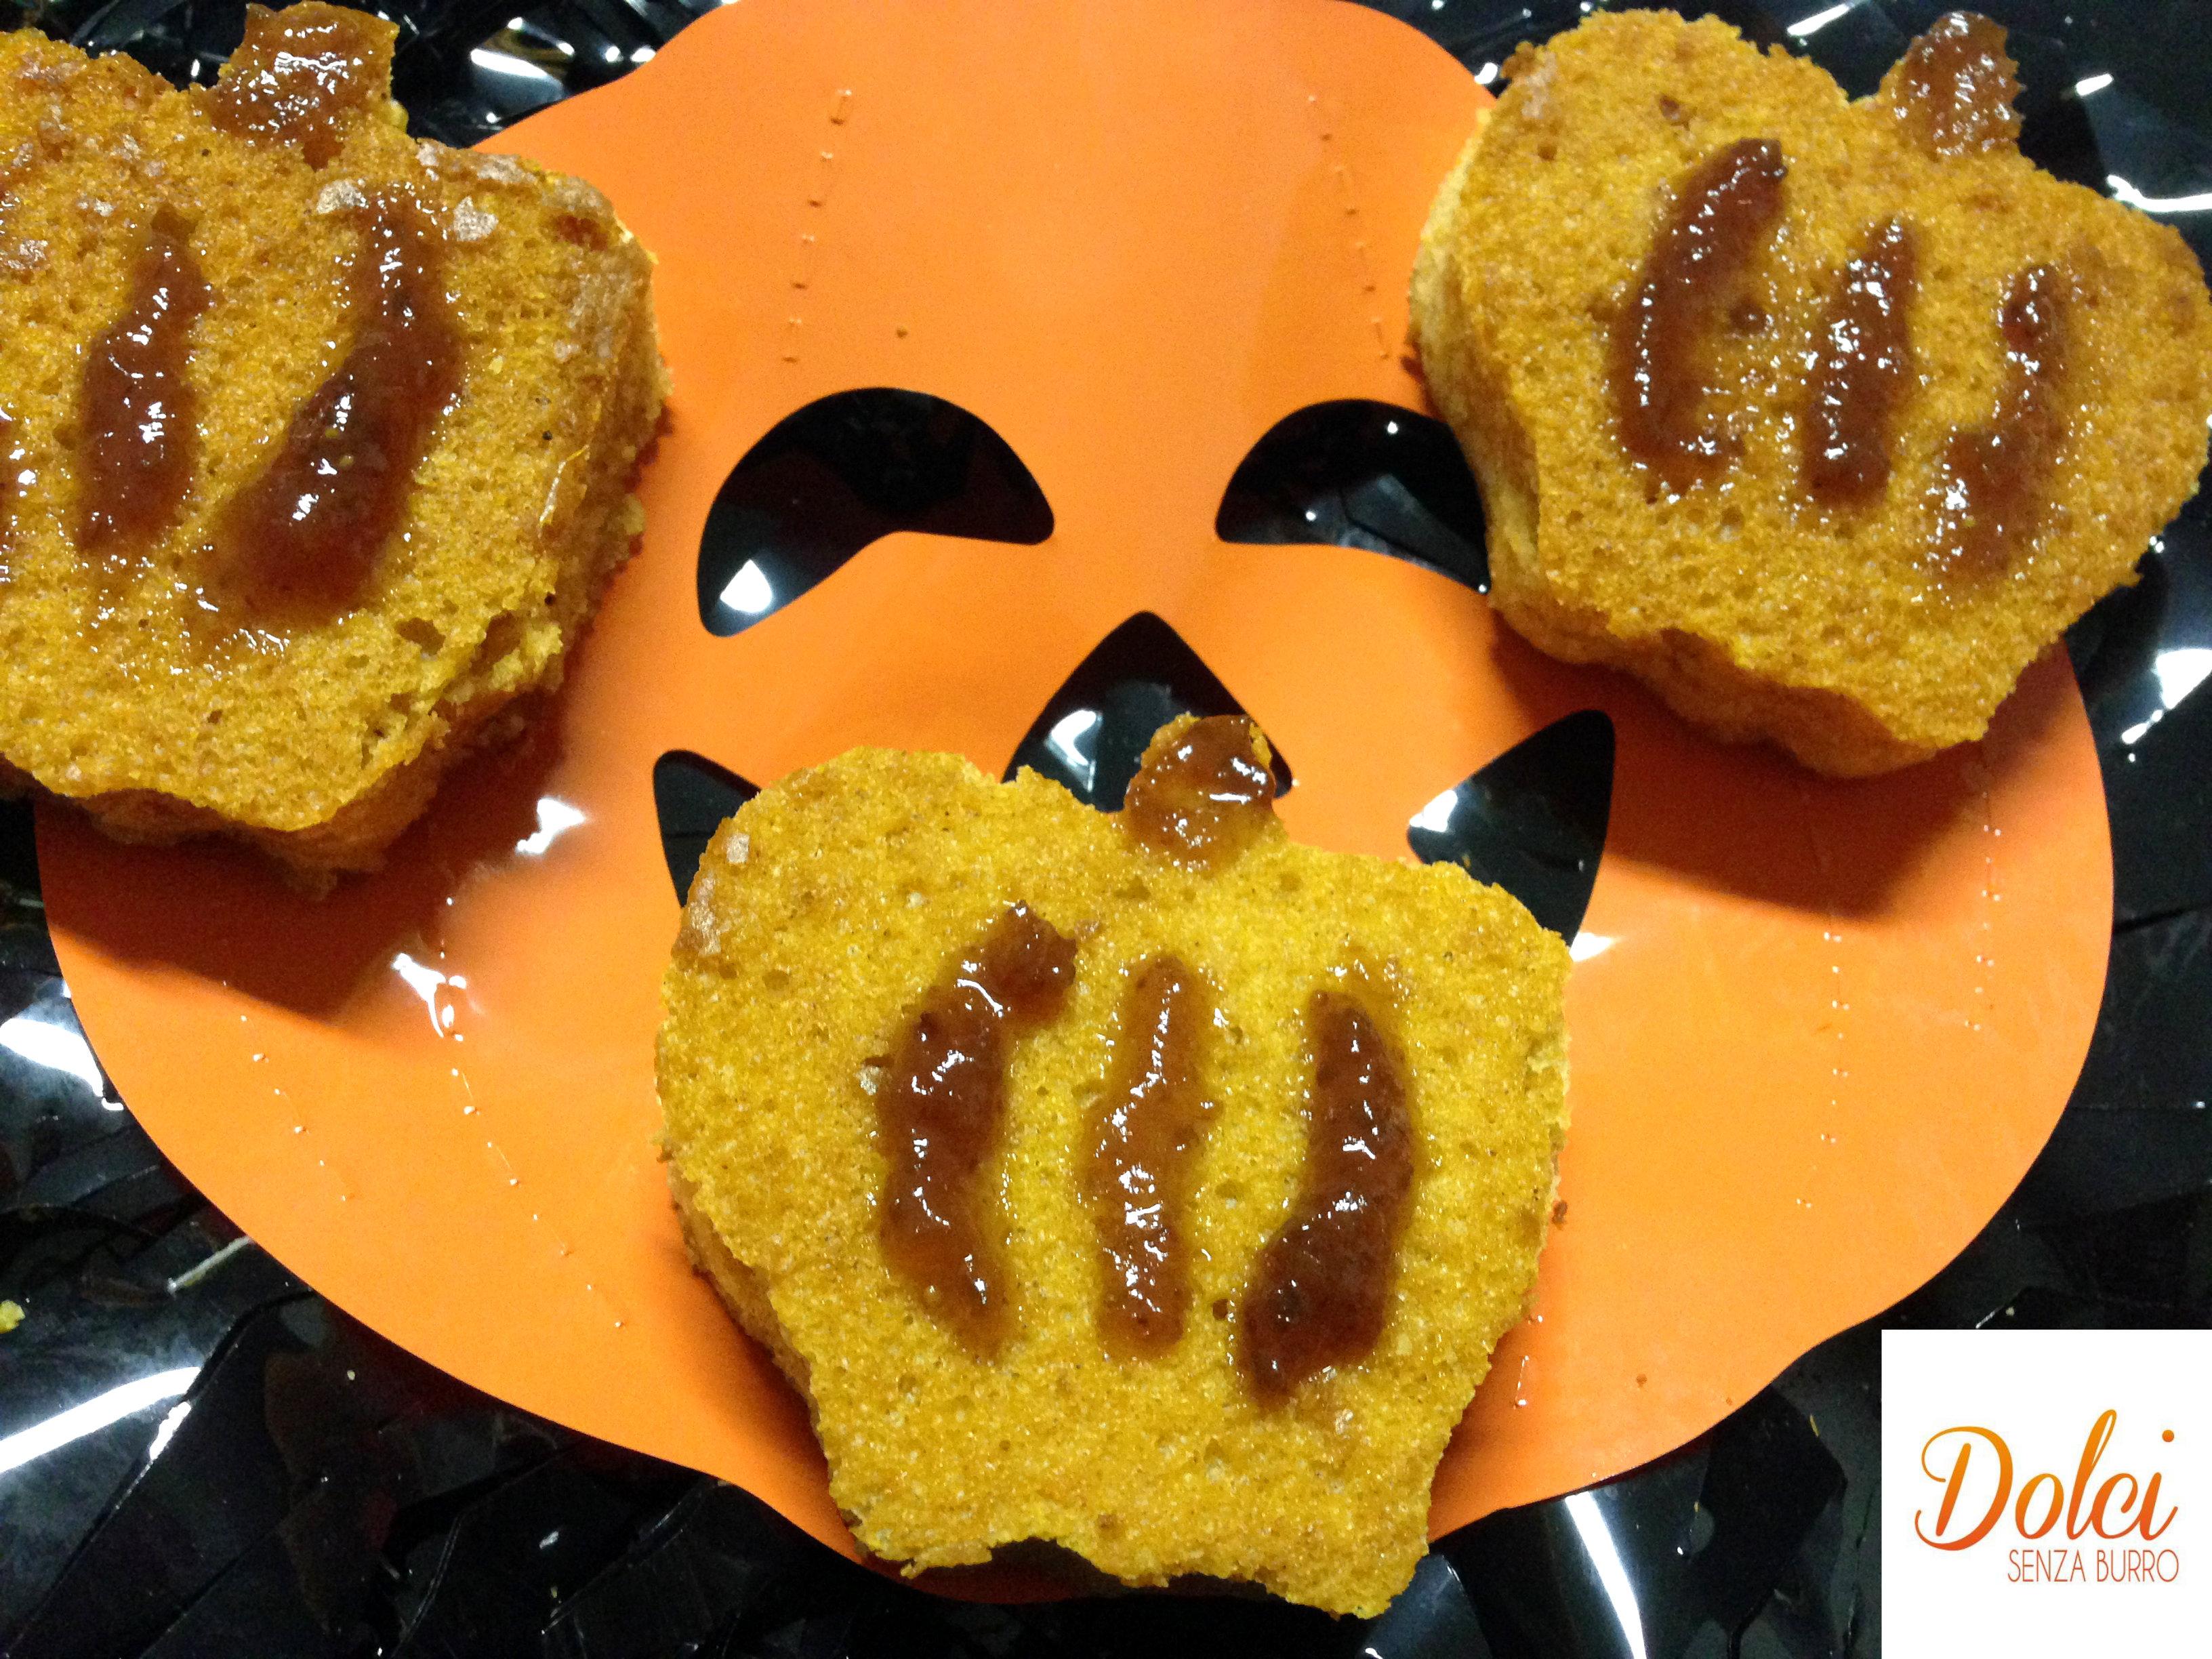 Dolci di Halloween, il dolce alla zucca di dolci senza burro